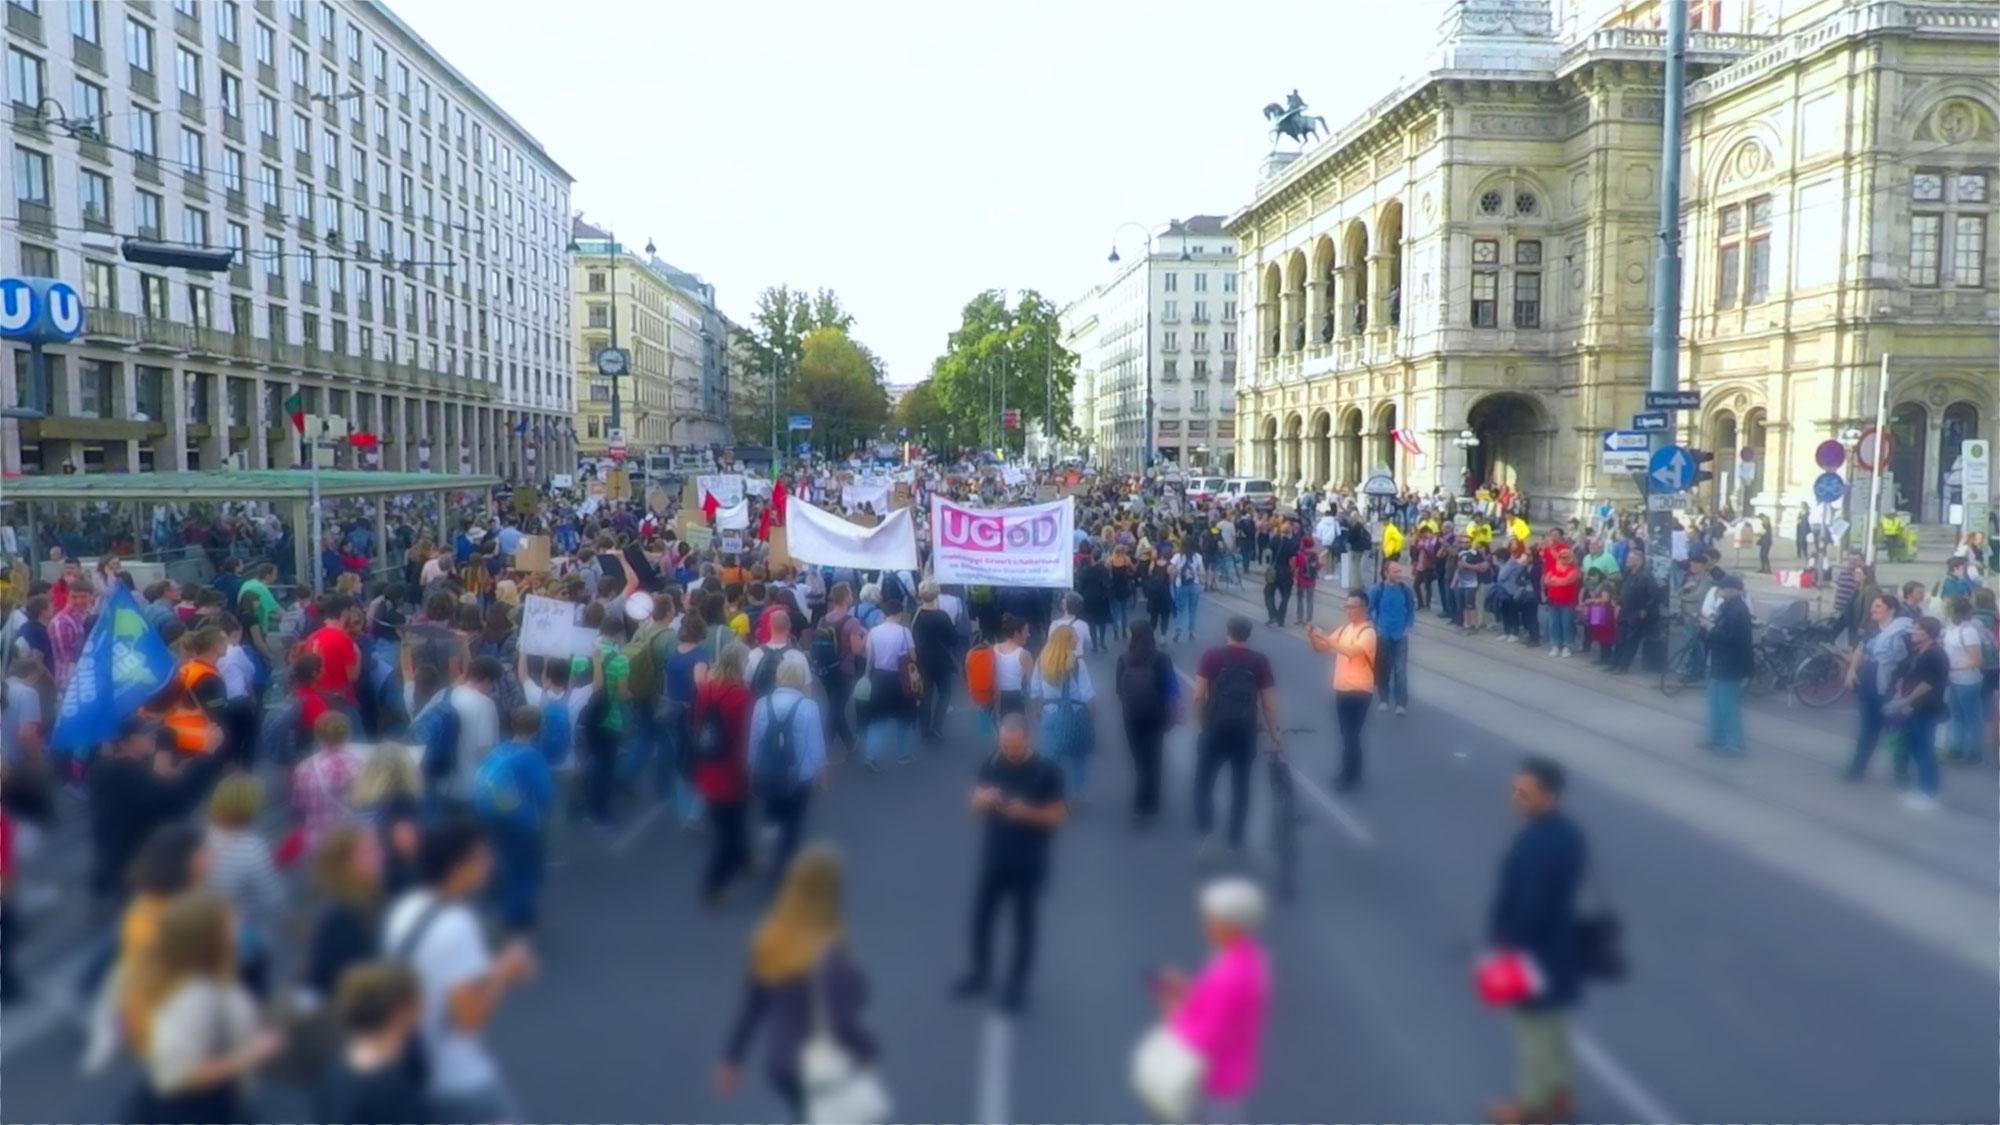 Demo: Bildung braucht mehr, nicht weniger Ressourcen!